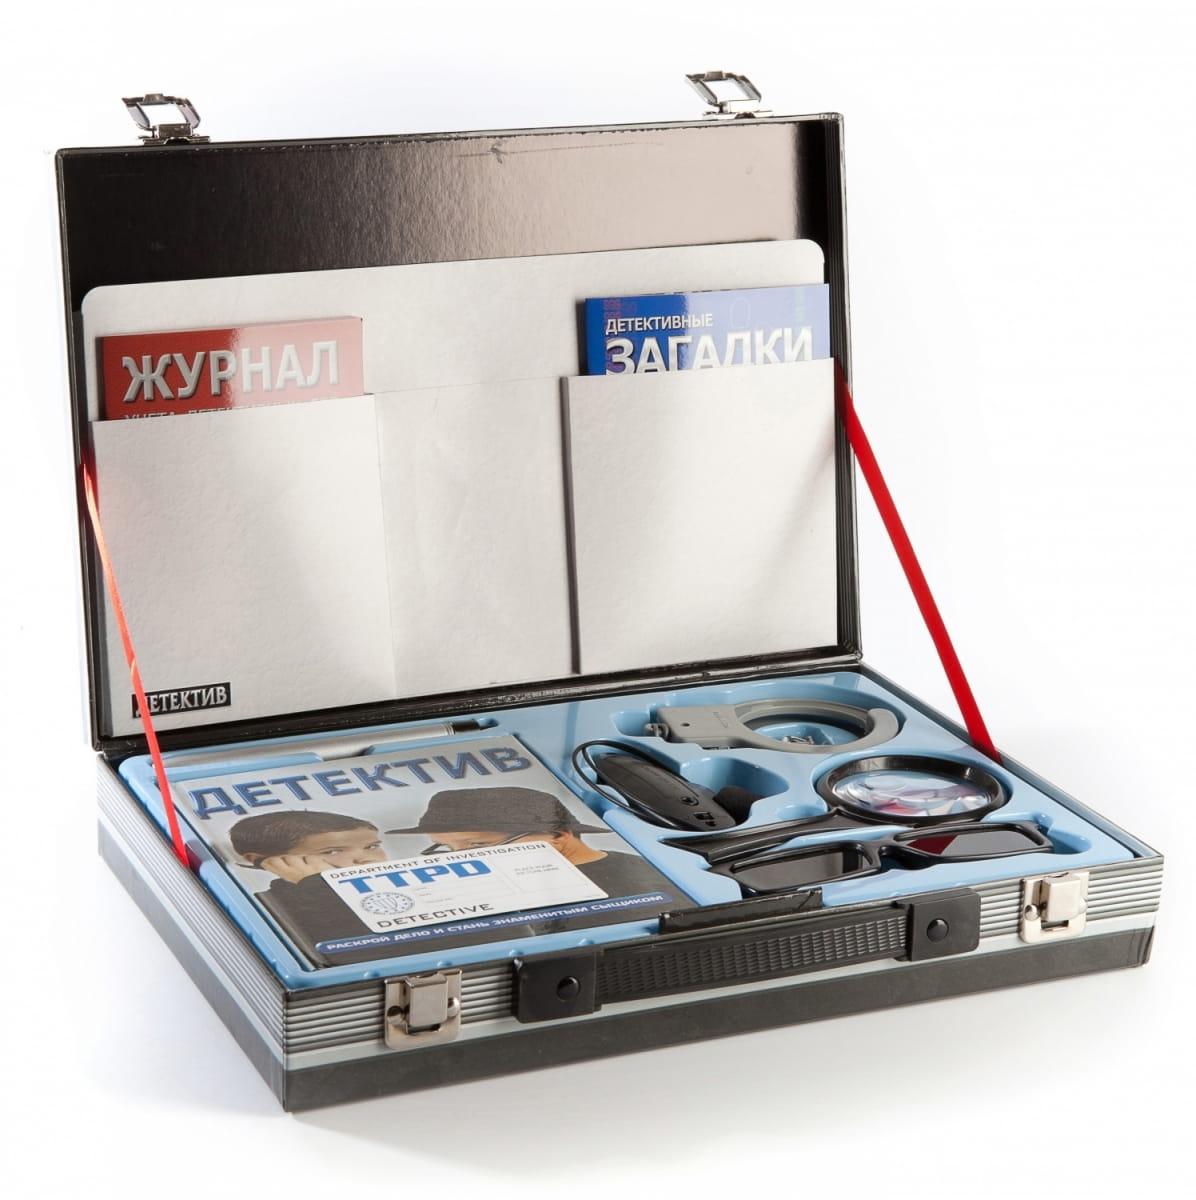 Игровой набор Новый формат Чемодан детектива - Игровые наборы для мальчиков